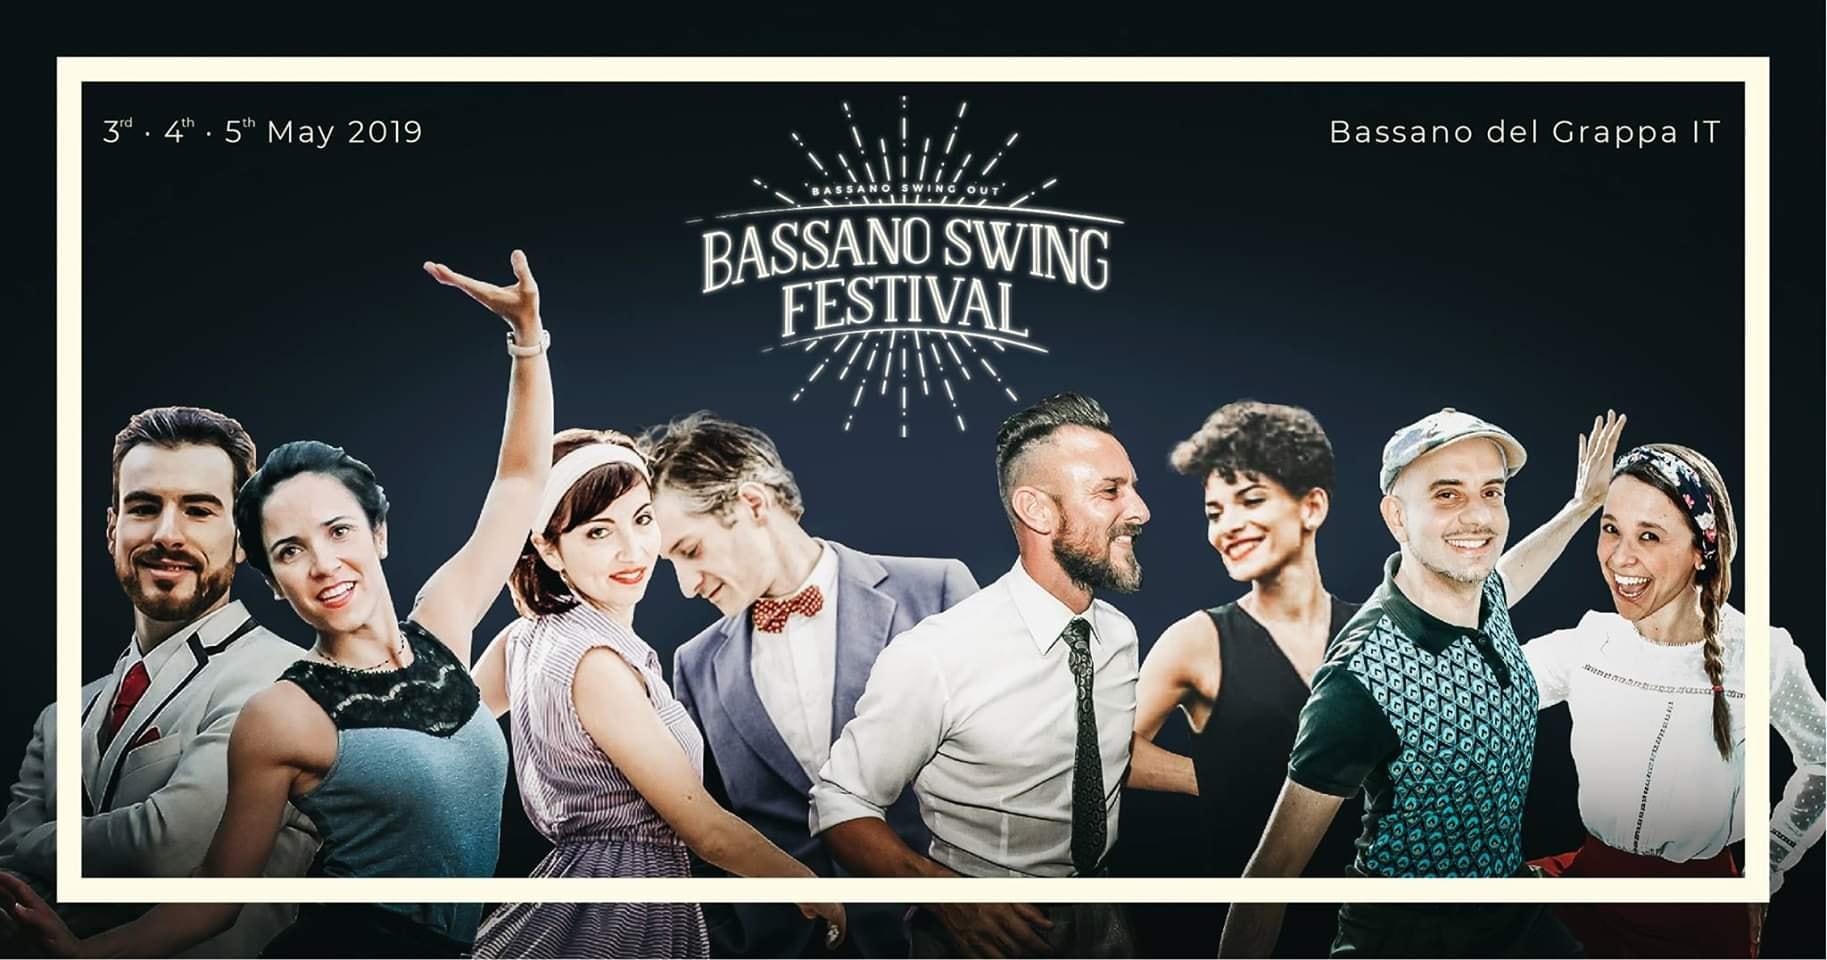 Bassano swing festival 2019 introduzione